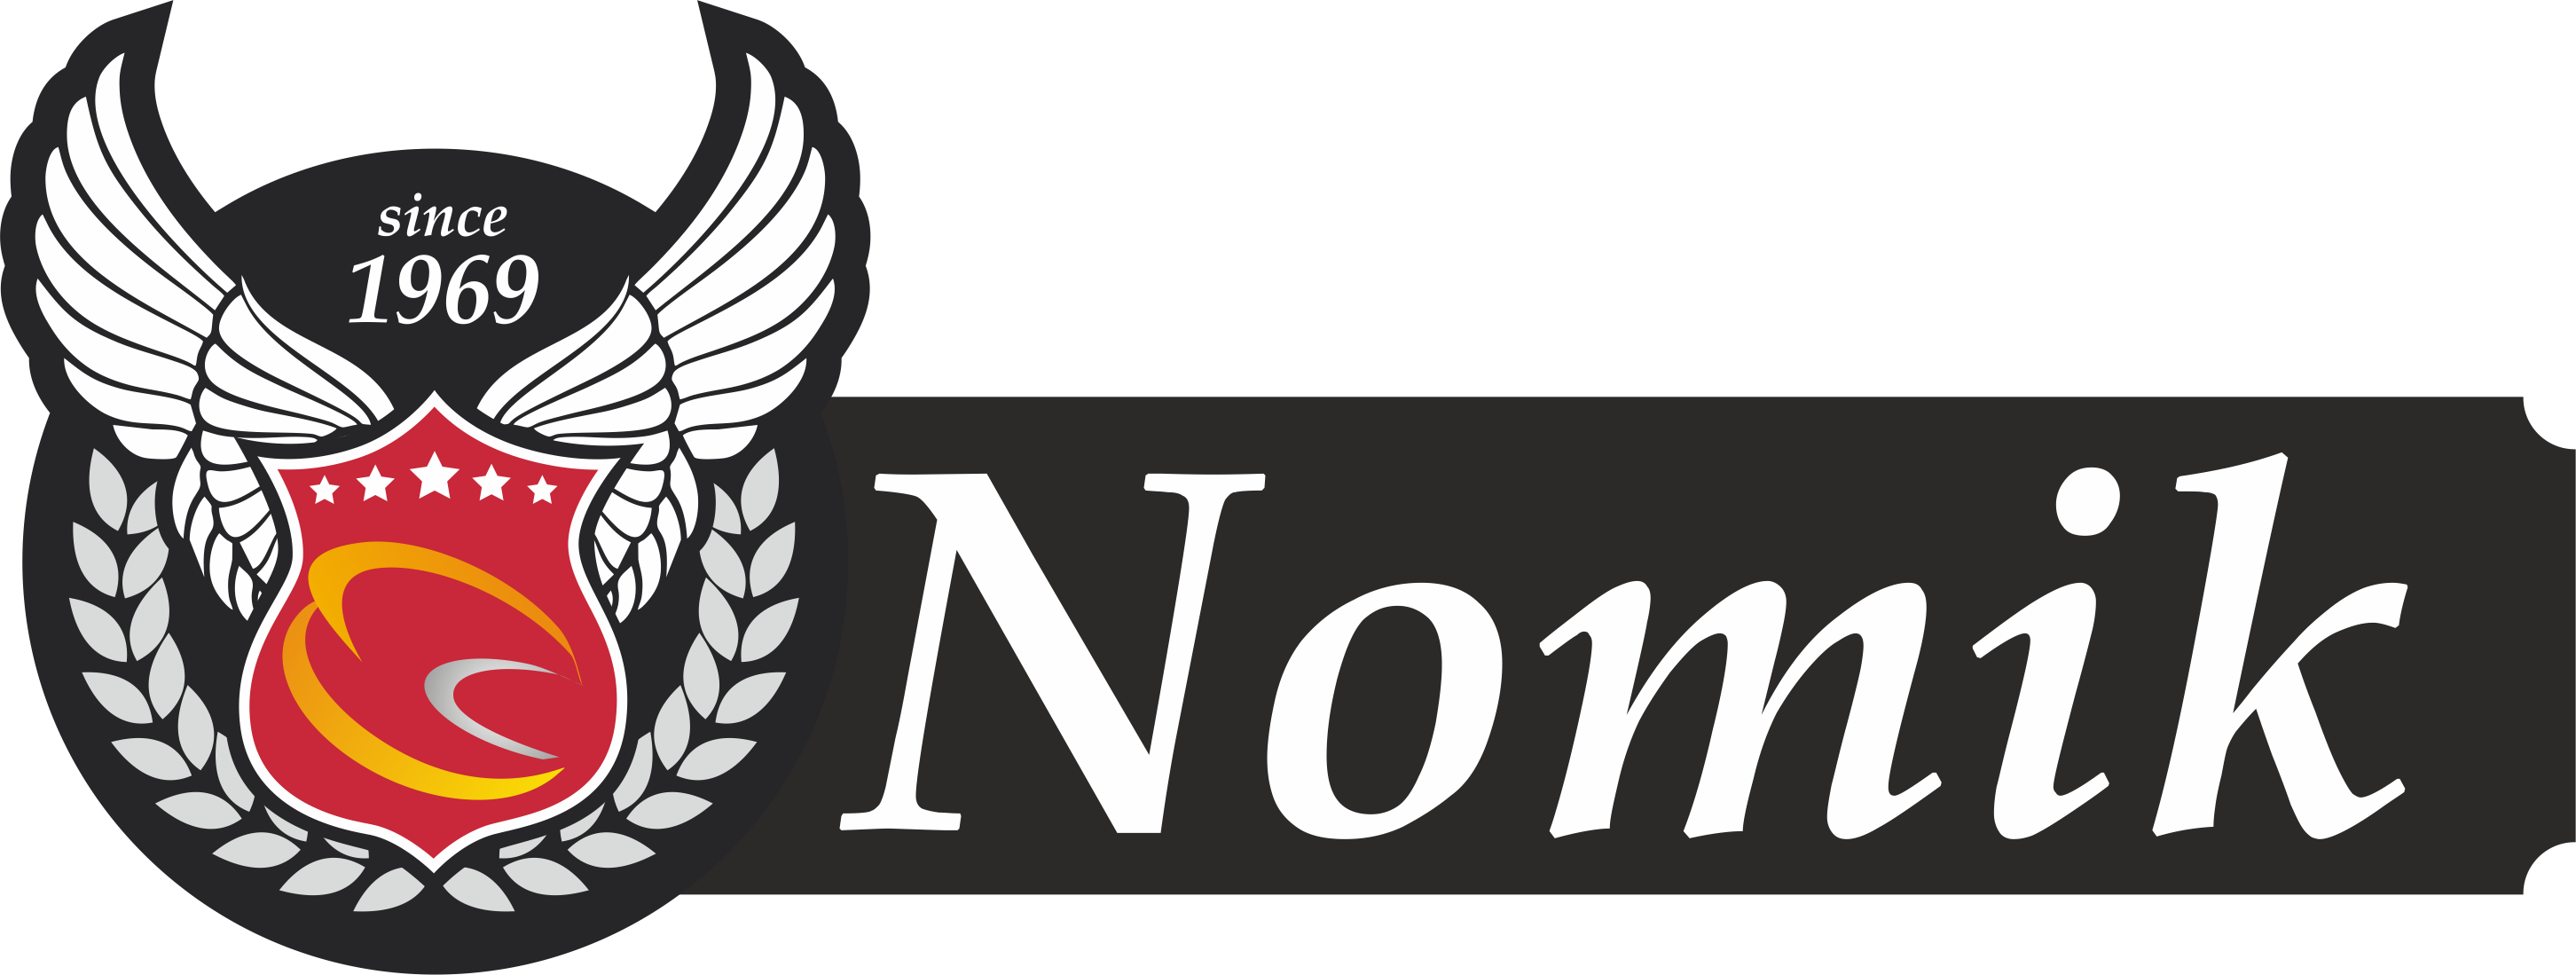 Λογότυπο προϊόντων εισαγωγής NOMIK αποκλειστικά απο την εταιρεία MOTONOMIKOS ΝΟΜΙΚΟΣ